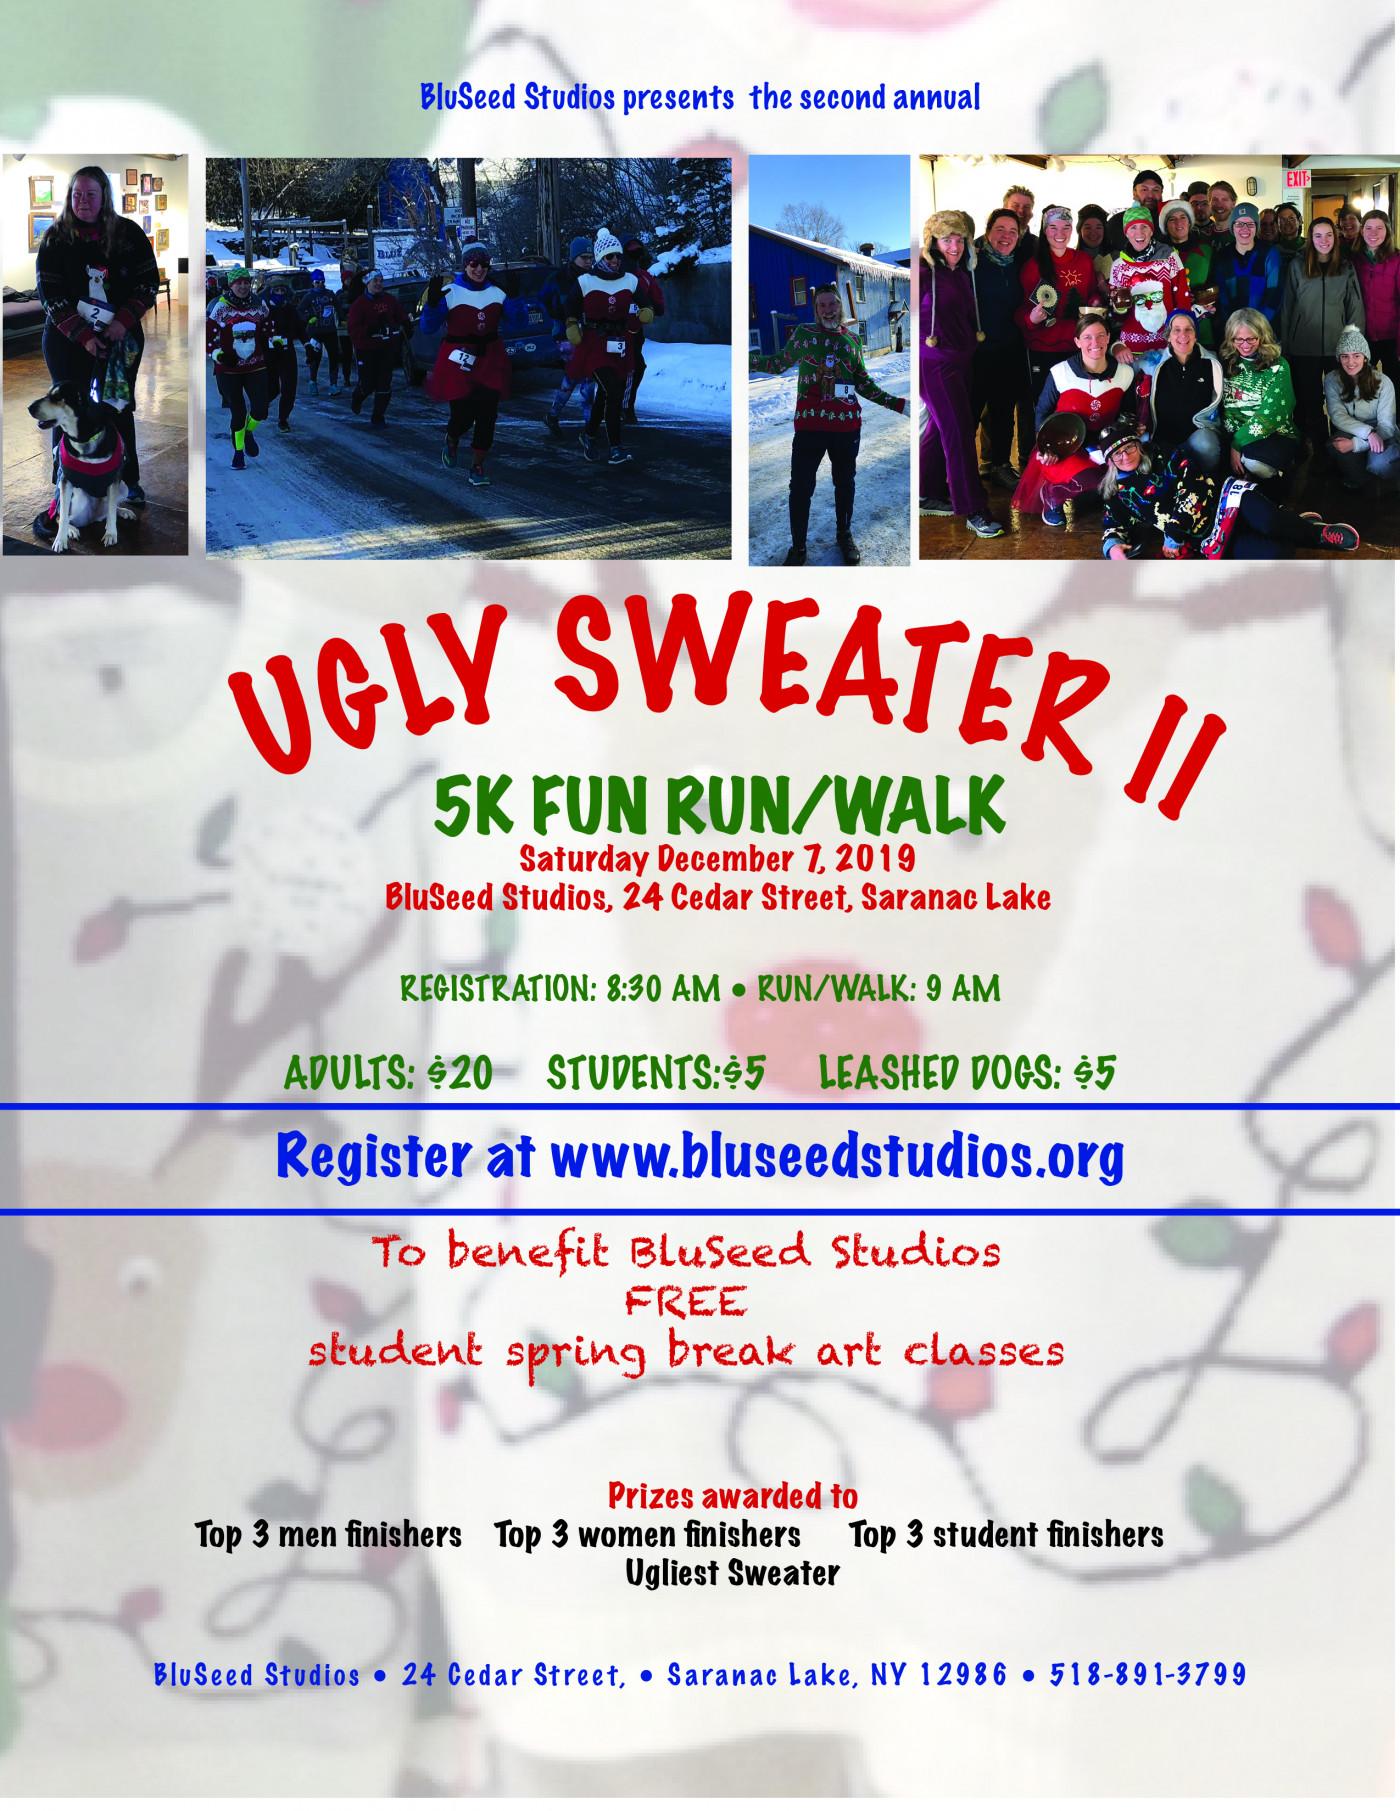 Ugly Sweater 5k Fun Run/walk